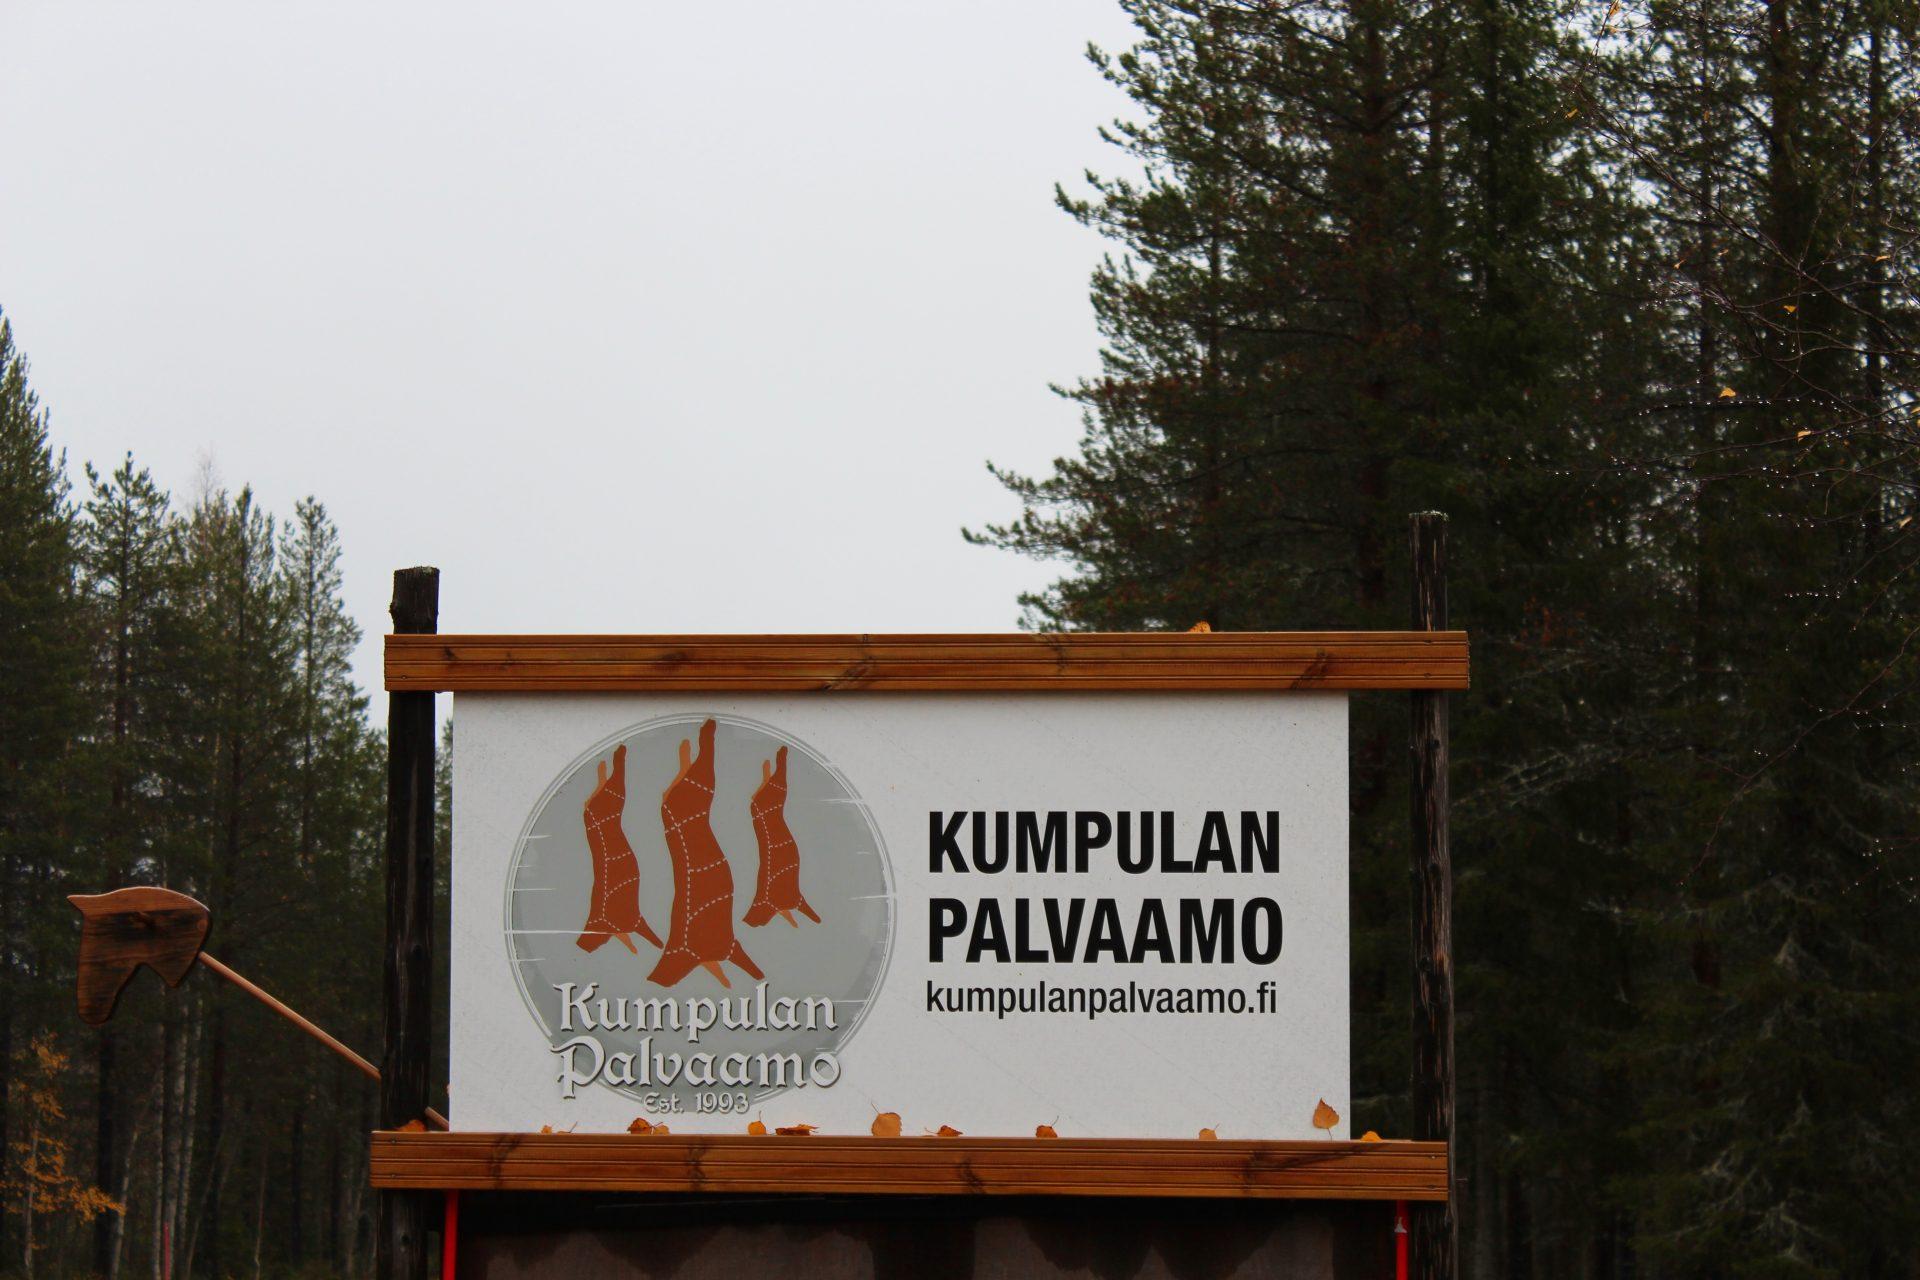 Kumpulan Palvaamo sijaitsee Ruokojärvellä Kolarissa.